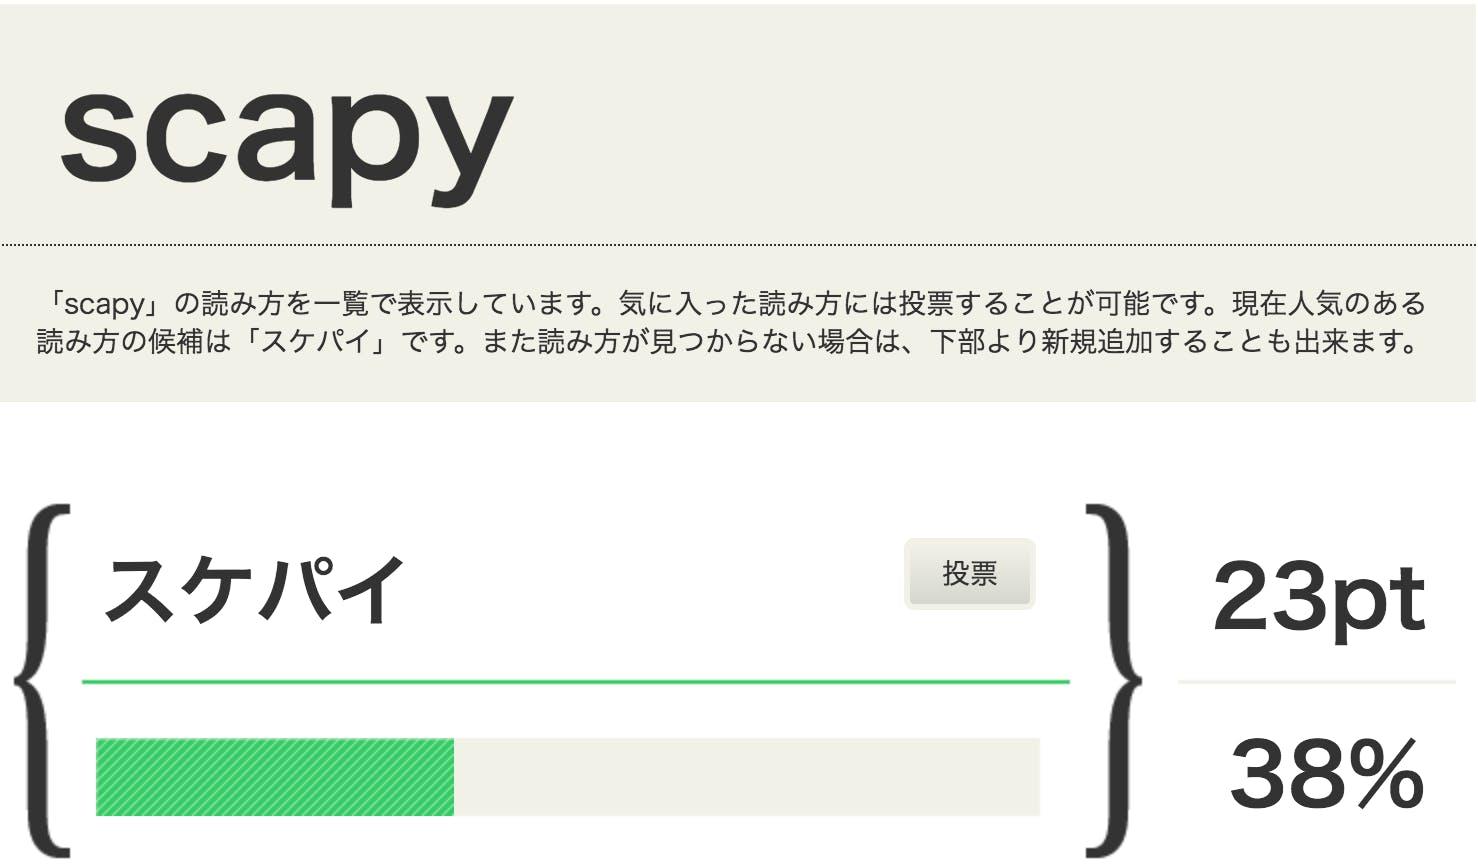 Scapy入門 - Qiita